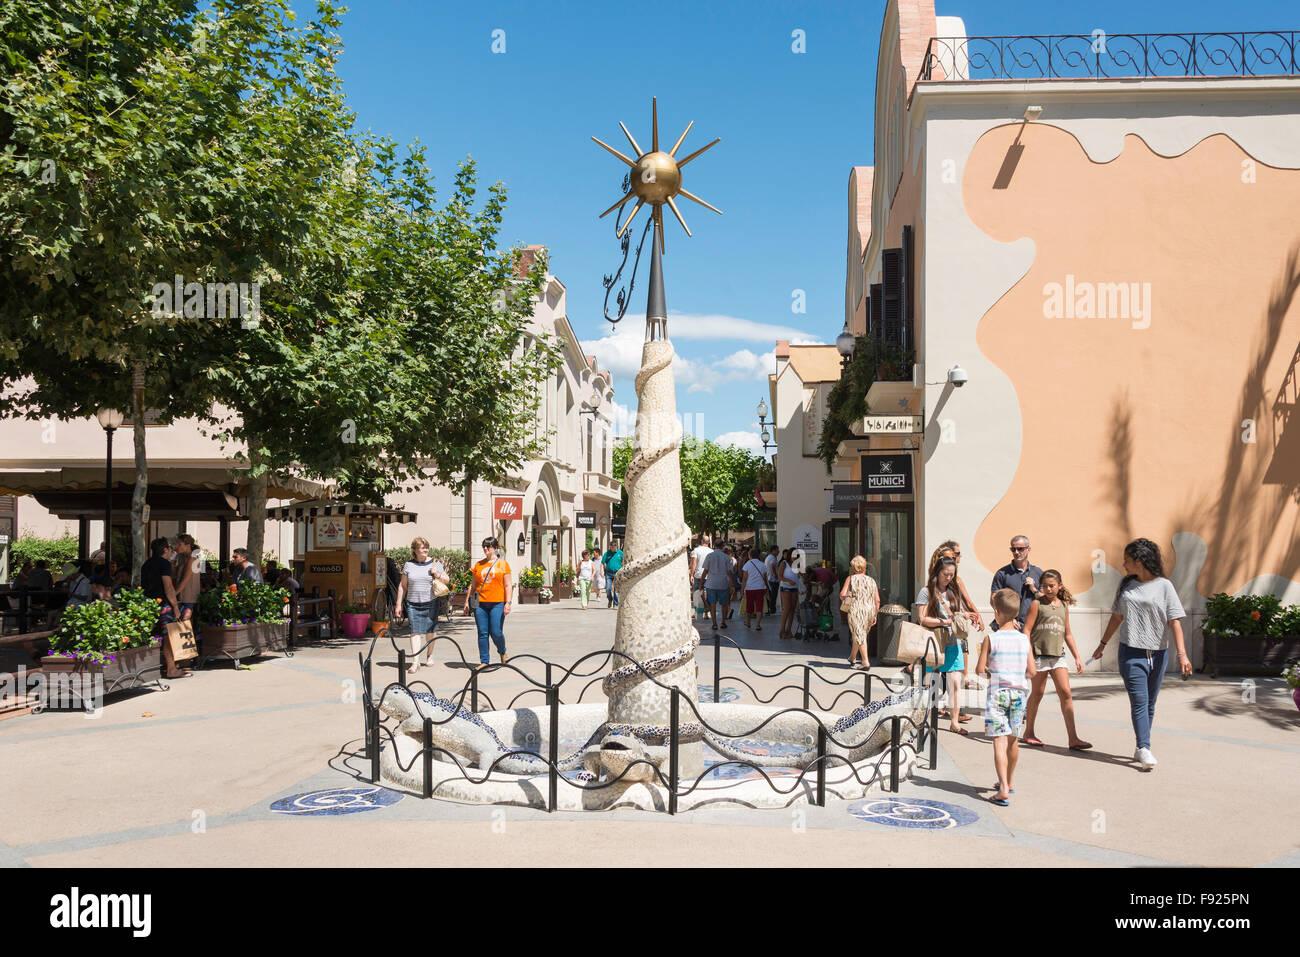 La Roca Village Outlet Shopping (diseñador), La Roca del Vallès, Barcelona, provincia de Barcelona, Cataluña, España Foto de stock